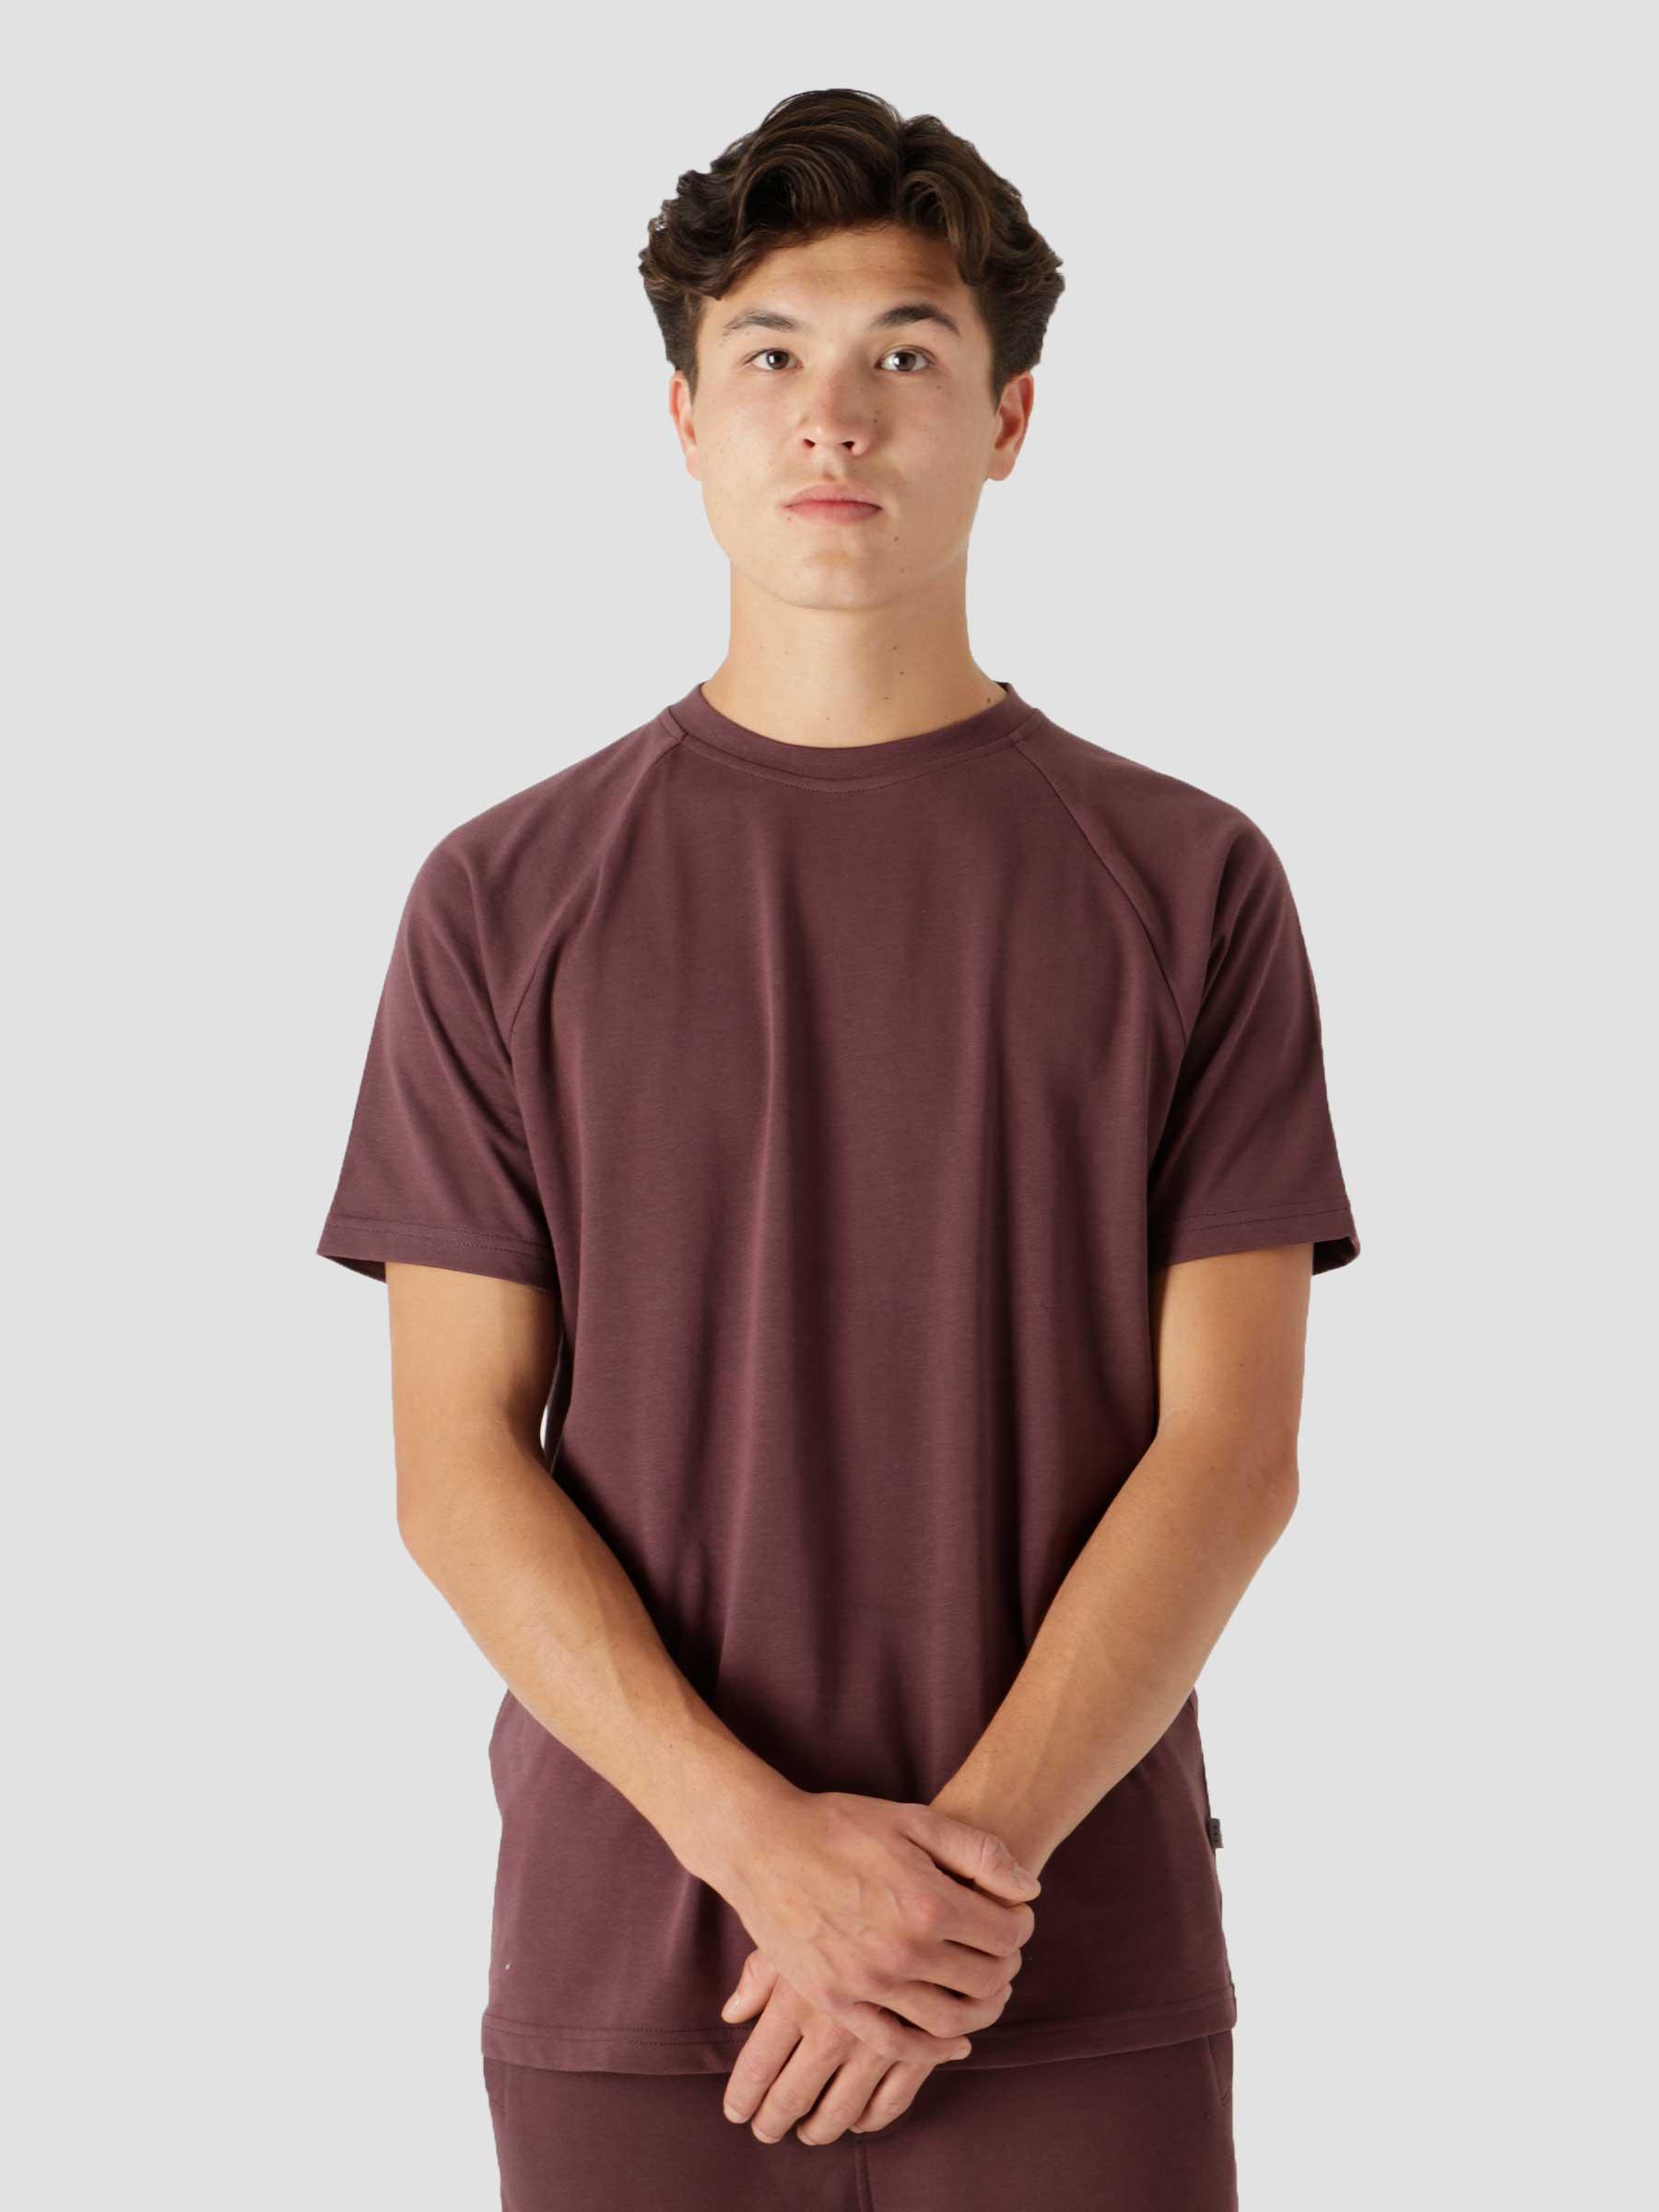 QB302 Raglan T-shirt Truffel